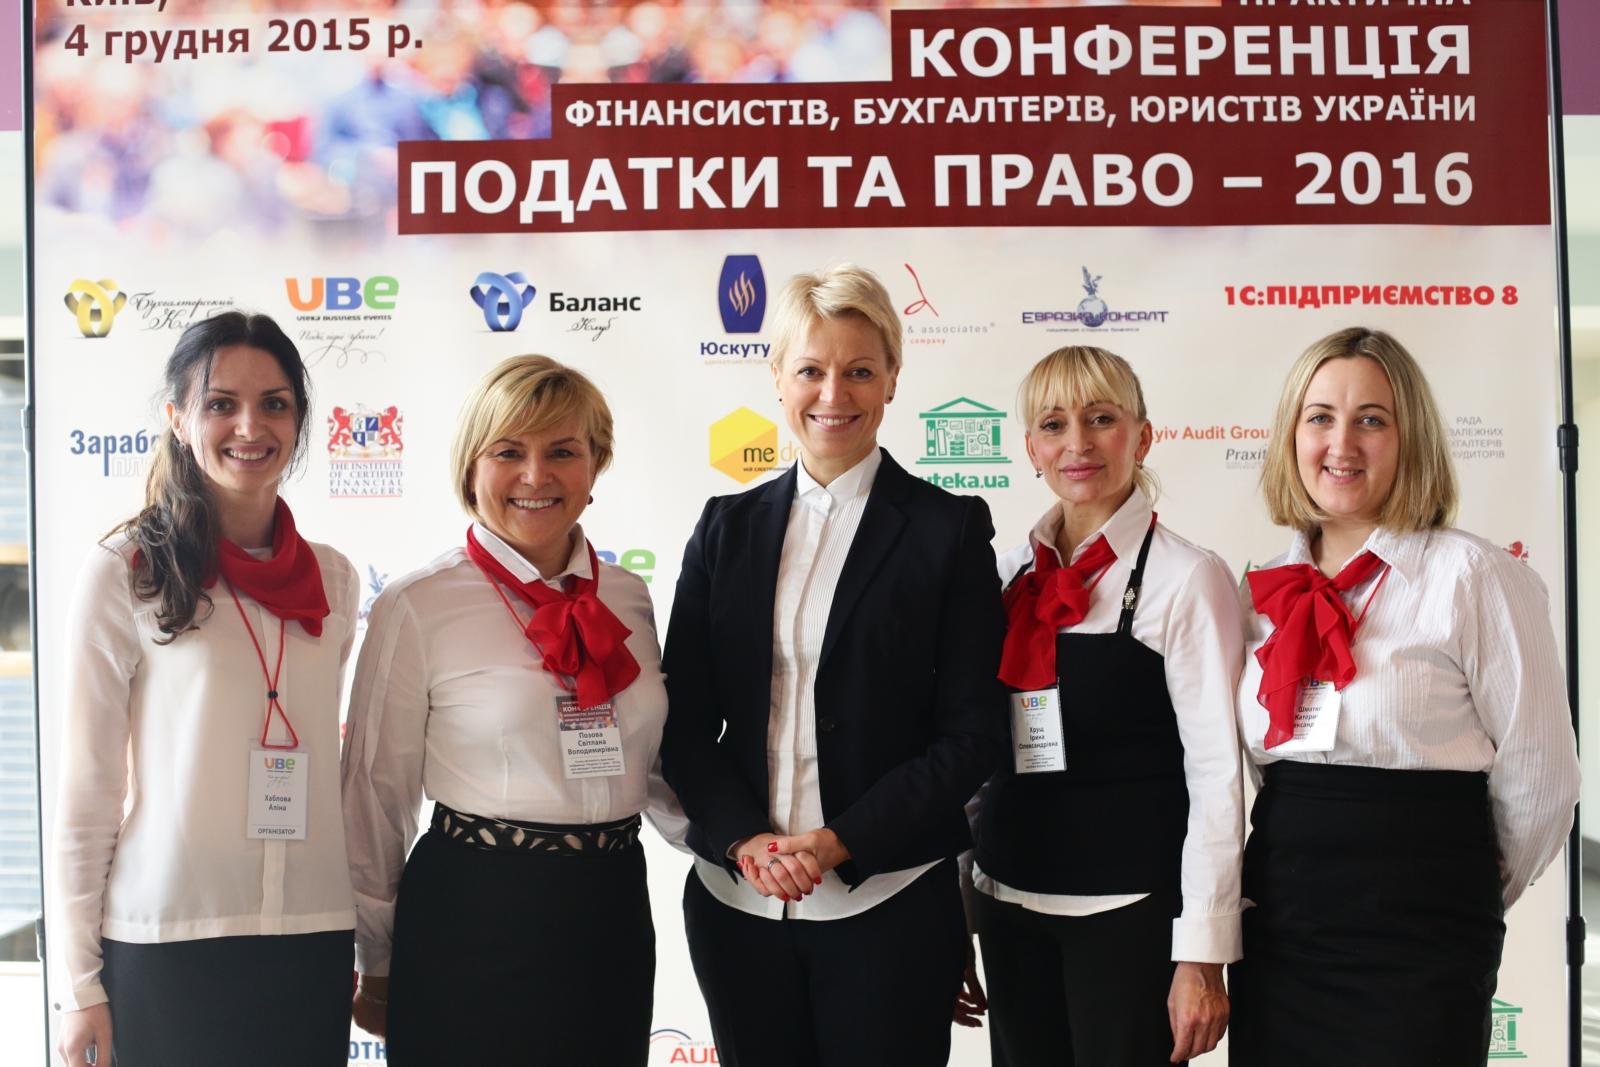 Конференція Податки та право -2016_ 00056 (Копировать)